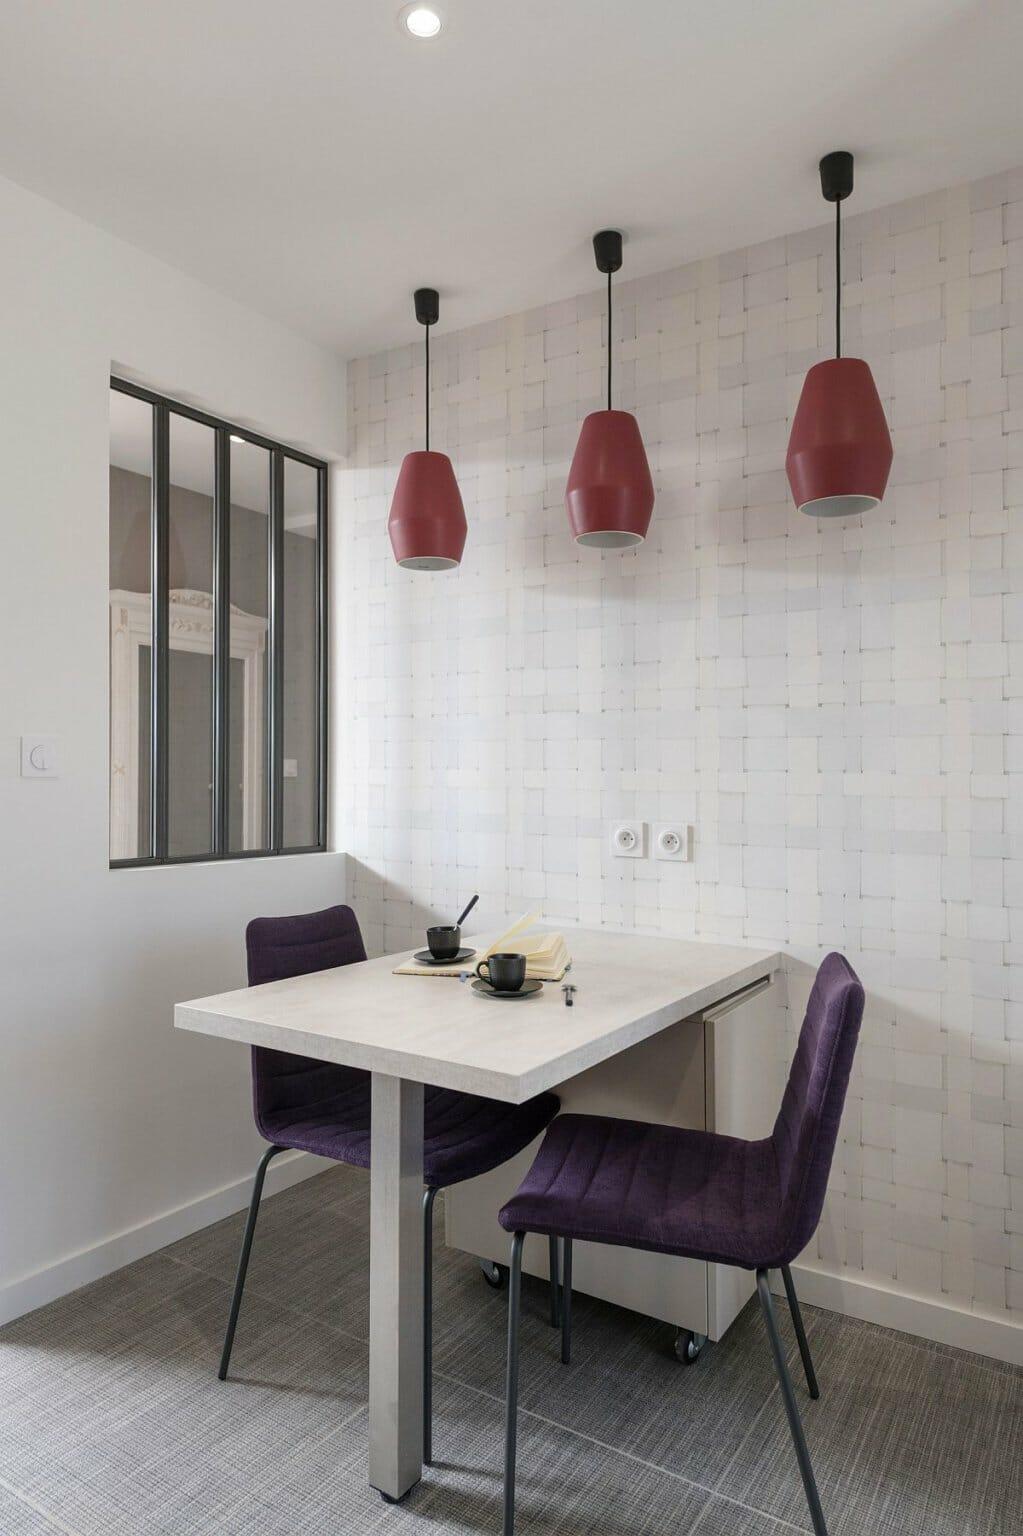 hình ảnh bộ bàn ăn nhỏ dành cho hai người, đèn thả màu đỏ nổi bật